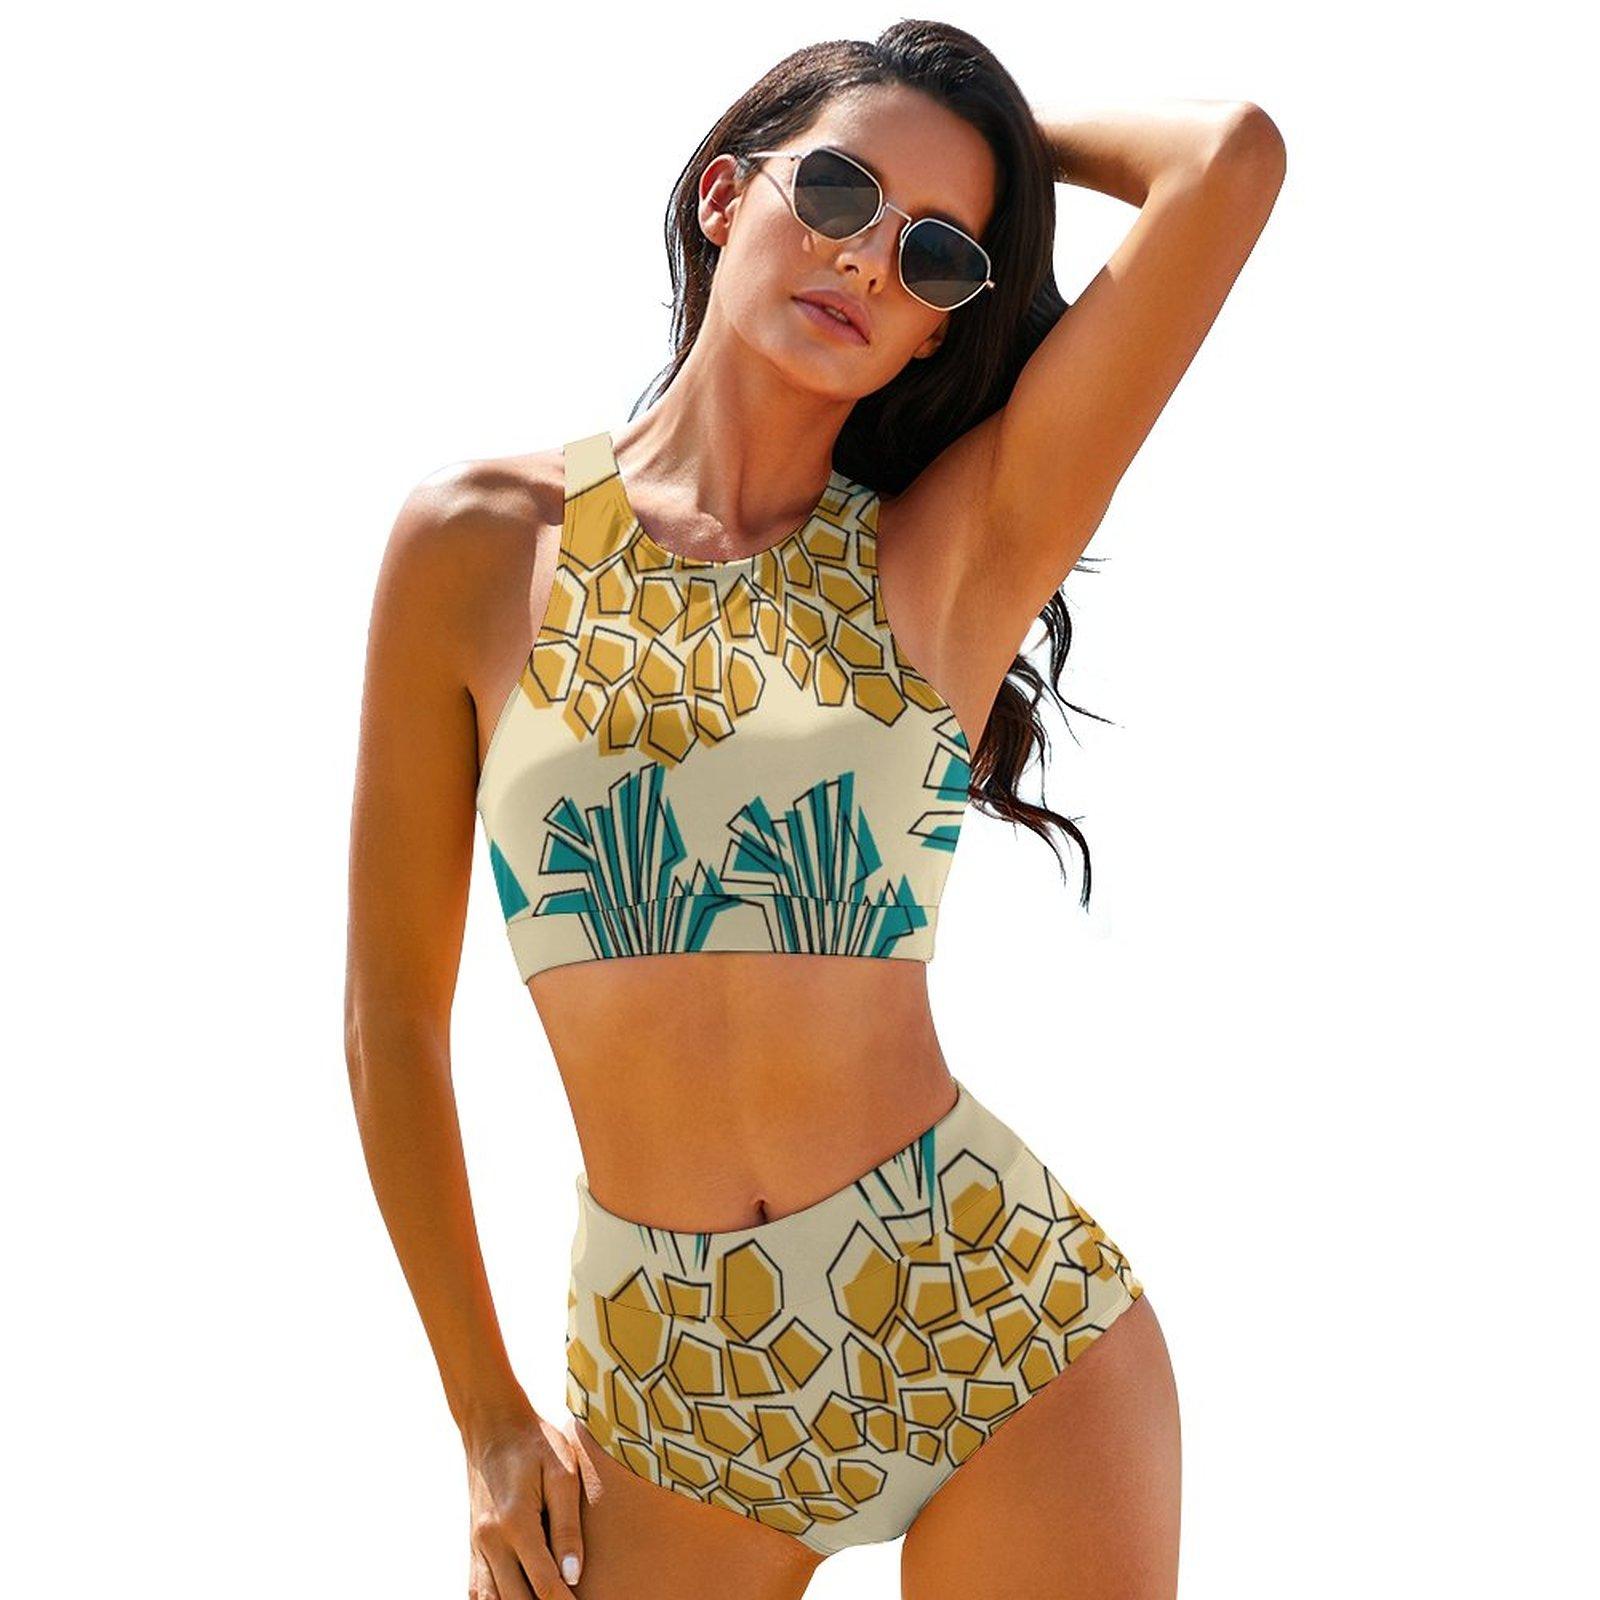 الأناناس بيكيني ملابس السباحة قابل للتعديل الجمالية بركة ملابس الشباب بكميات كبيرة 2 قطعة ثوب السباحة